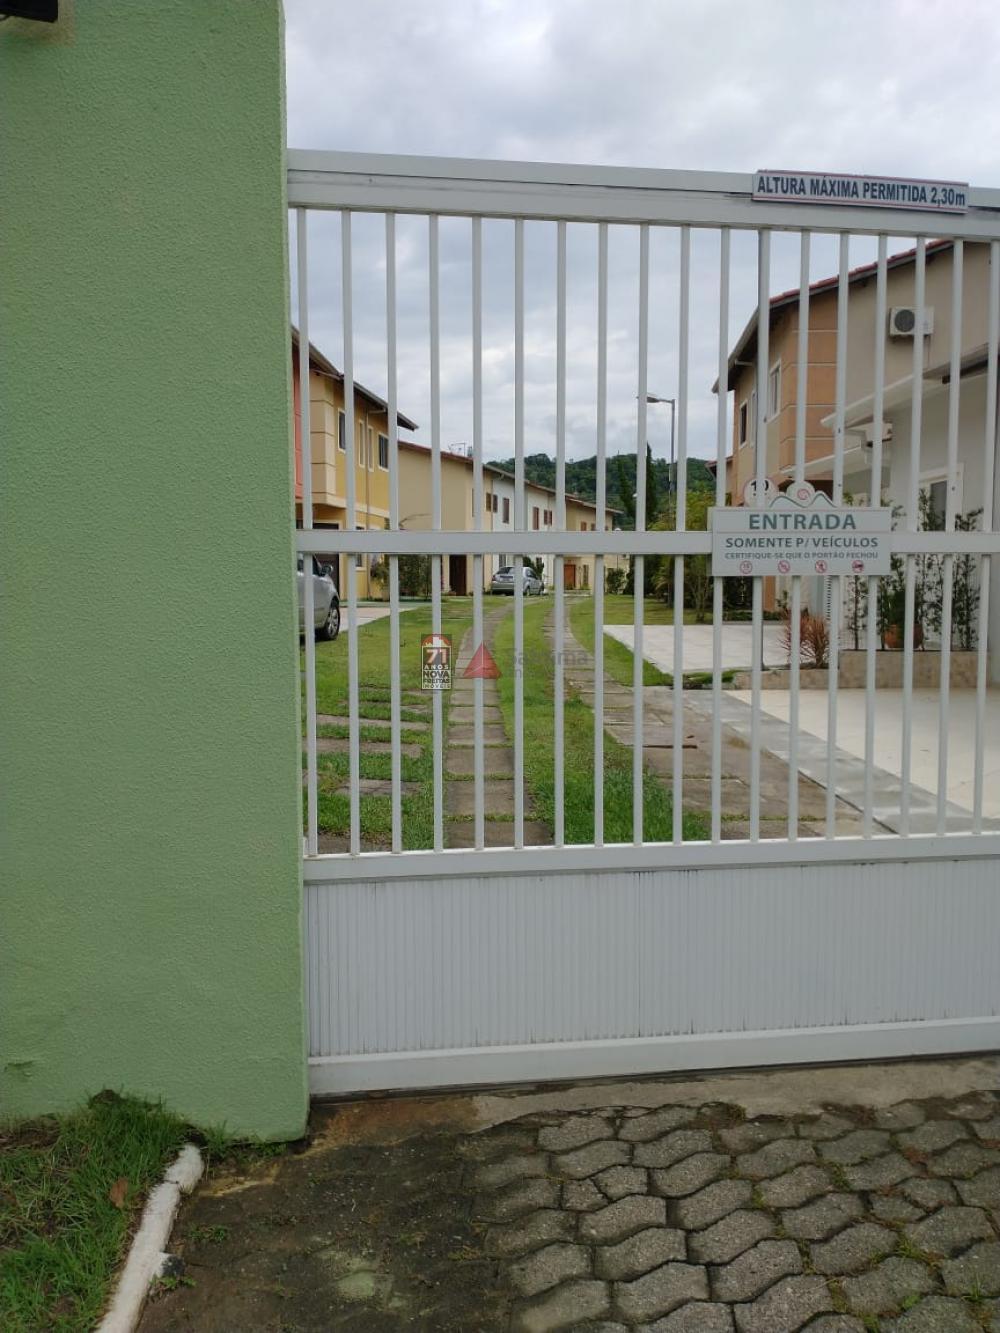 Comprar Casa / Condomínio em Caraguatatuba apenas R$ 340.000,00 - Foto 5